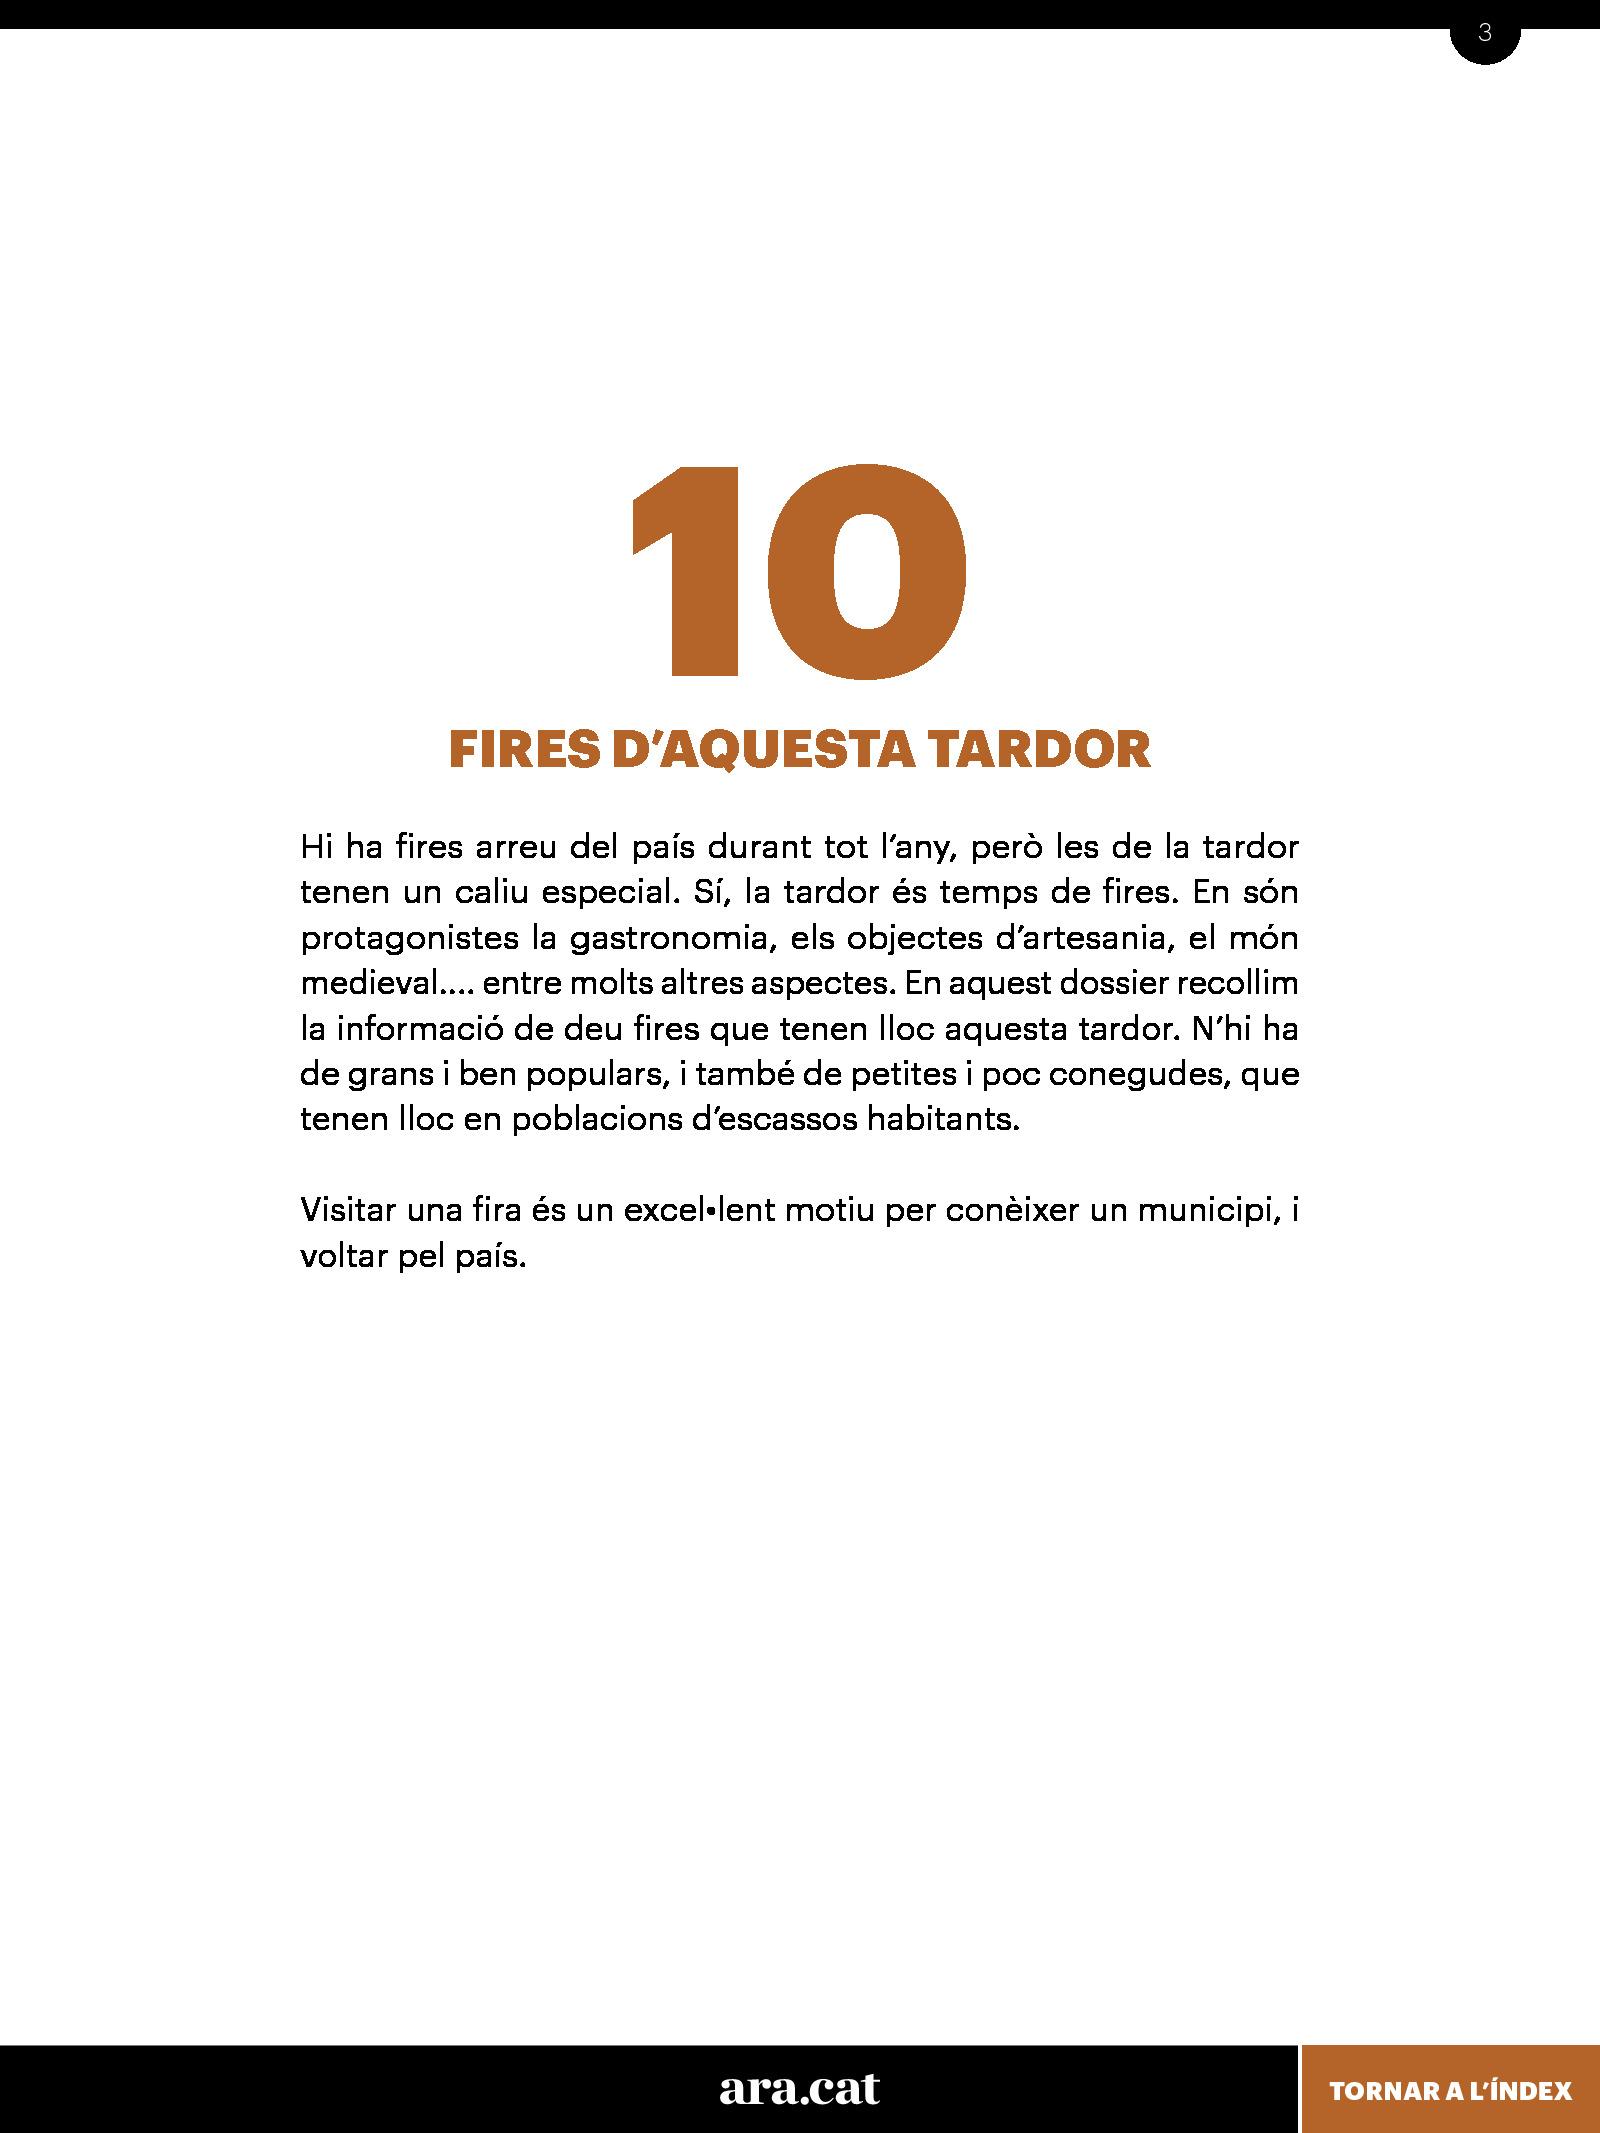 Tardor, temps de fires 2